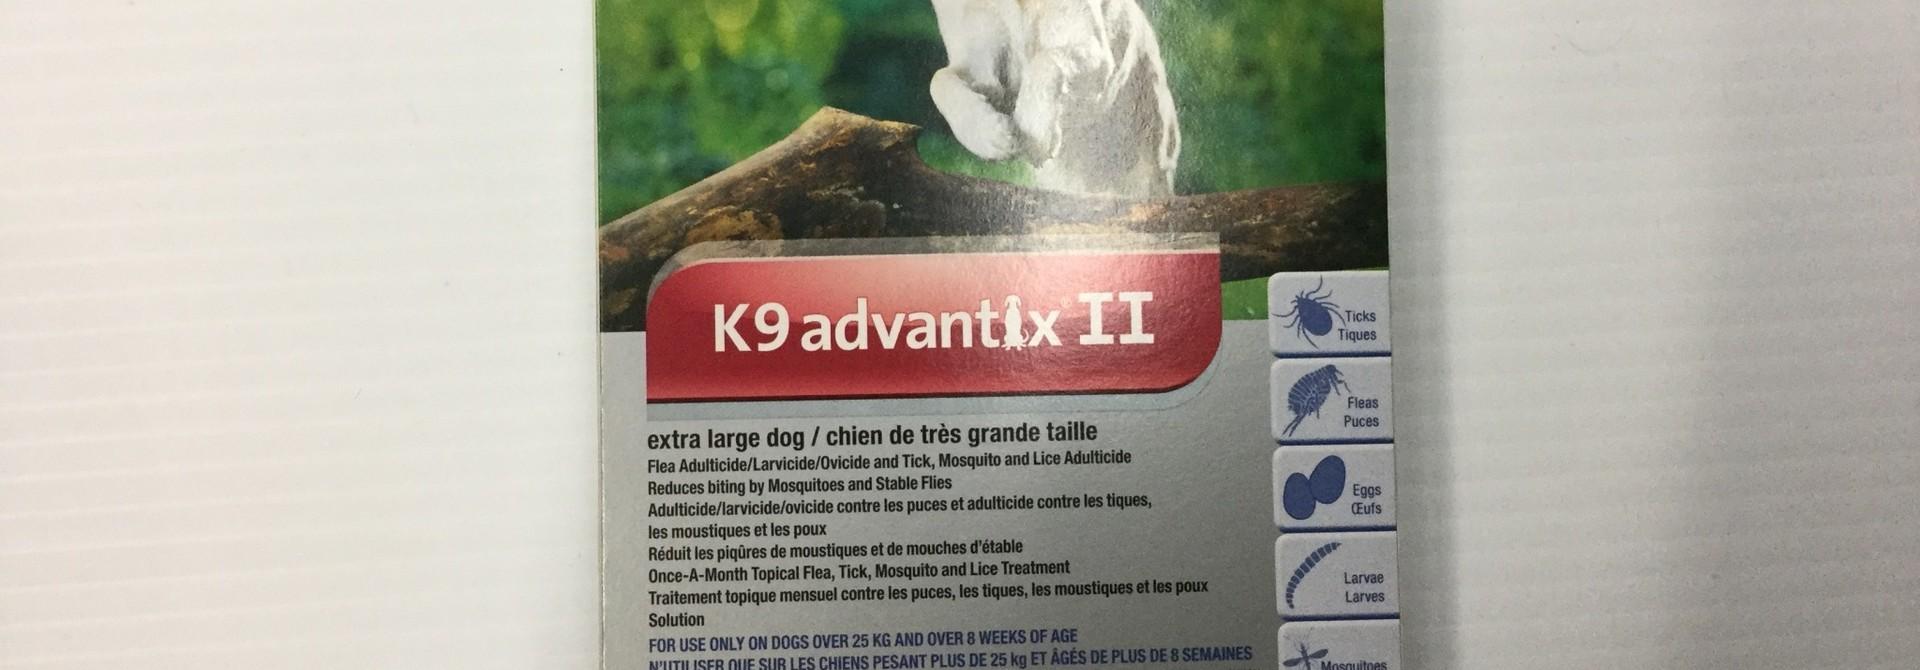 K9 advantix II-X-Large Dog Over 25kg